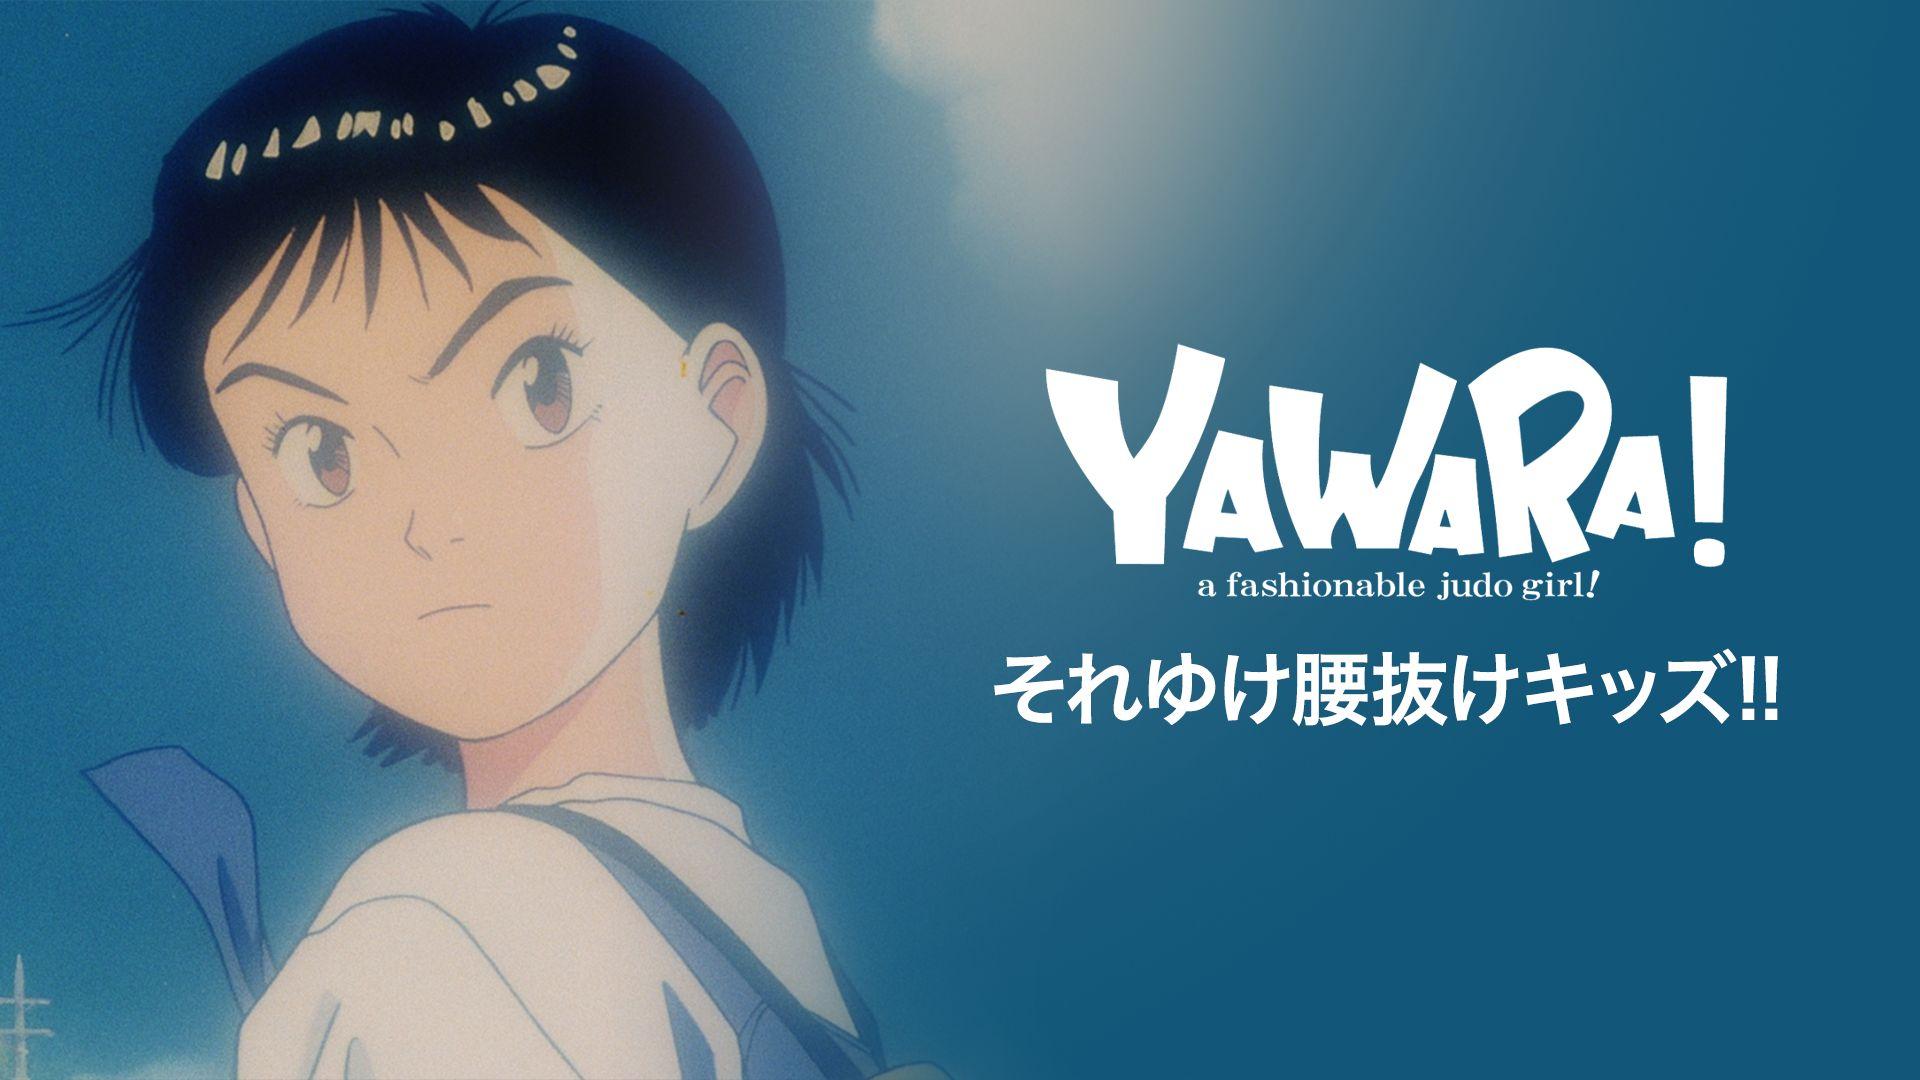 劇場版YAWARA!  それゆけ腰抜けキッズ! !